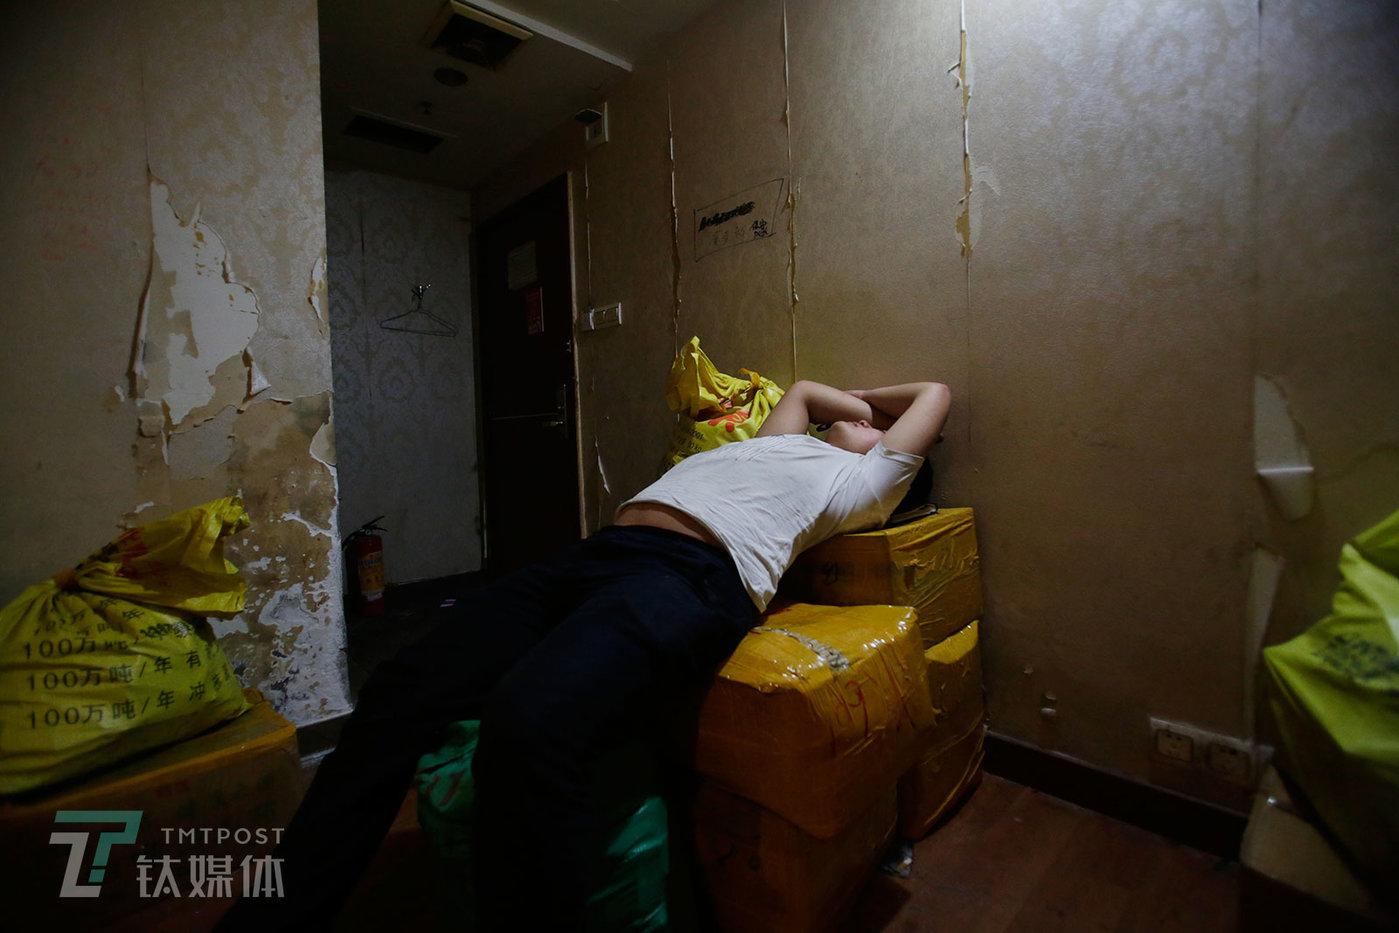 送走客户,一名来自山东的卖家躺在几箱手机上打起了盹。